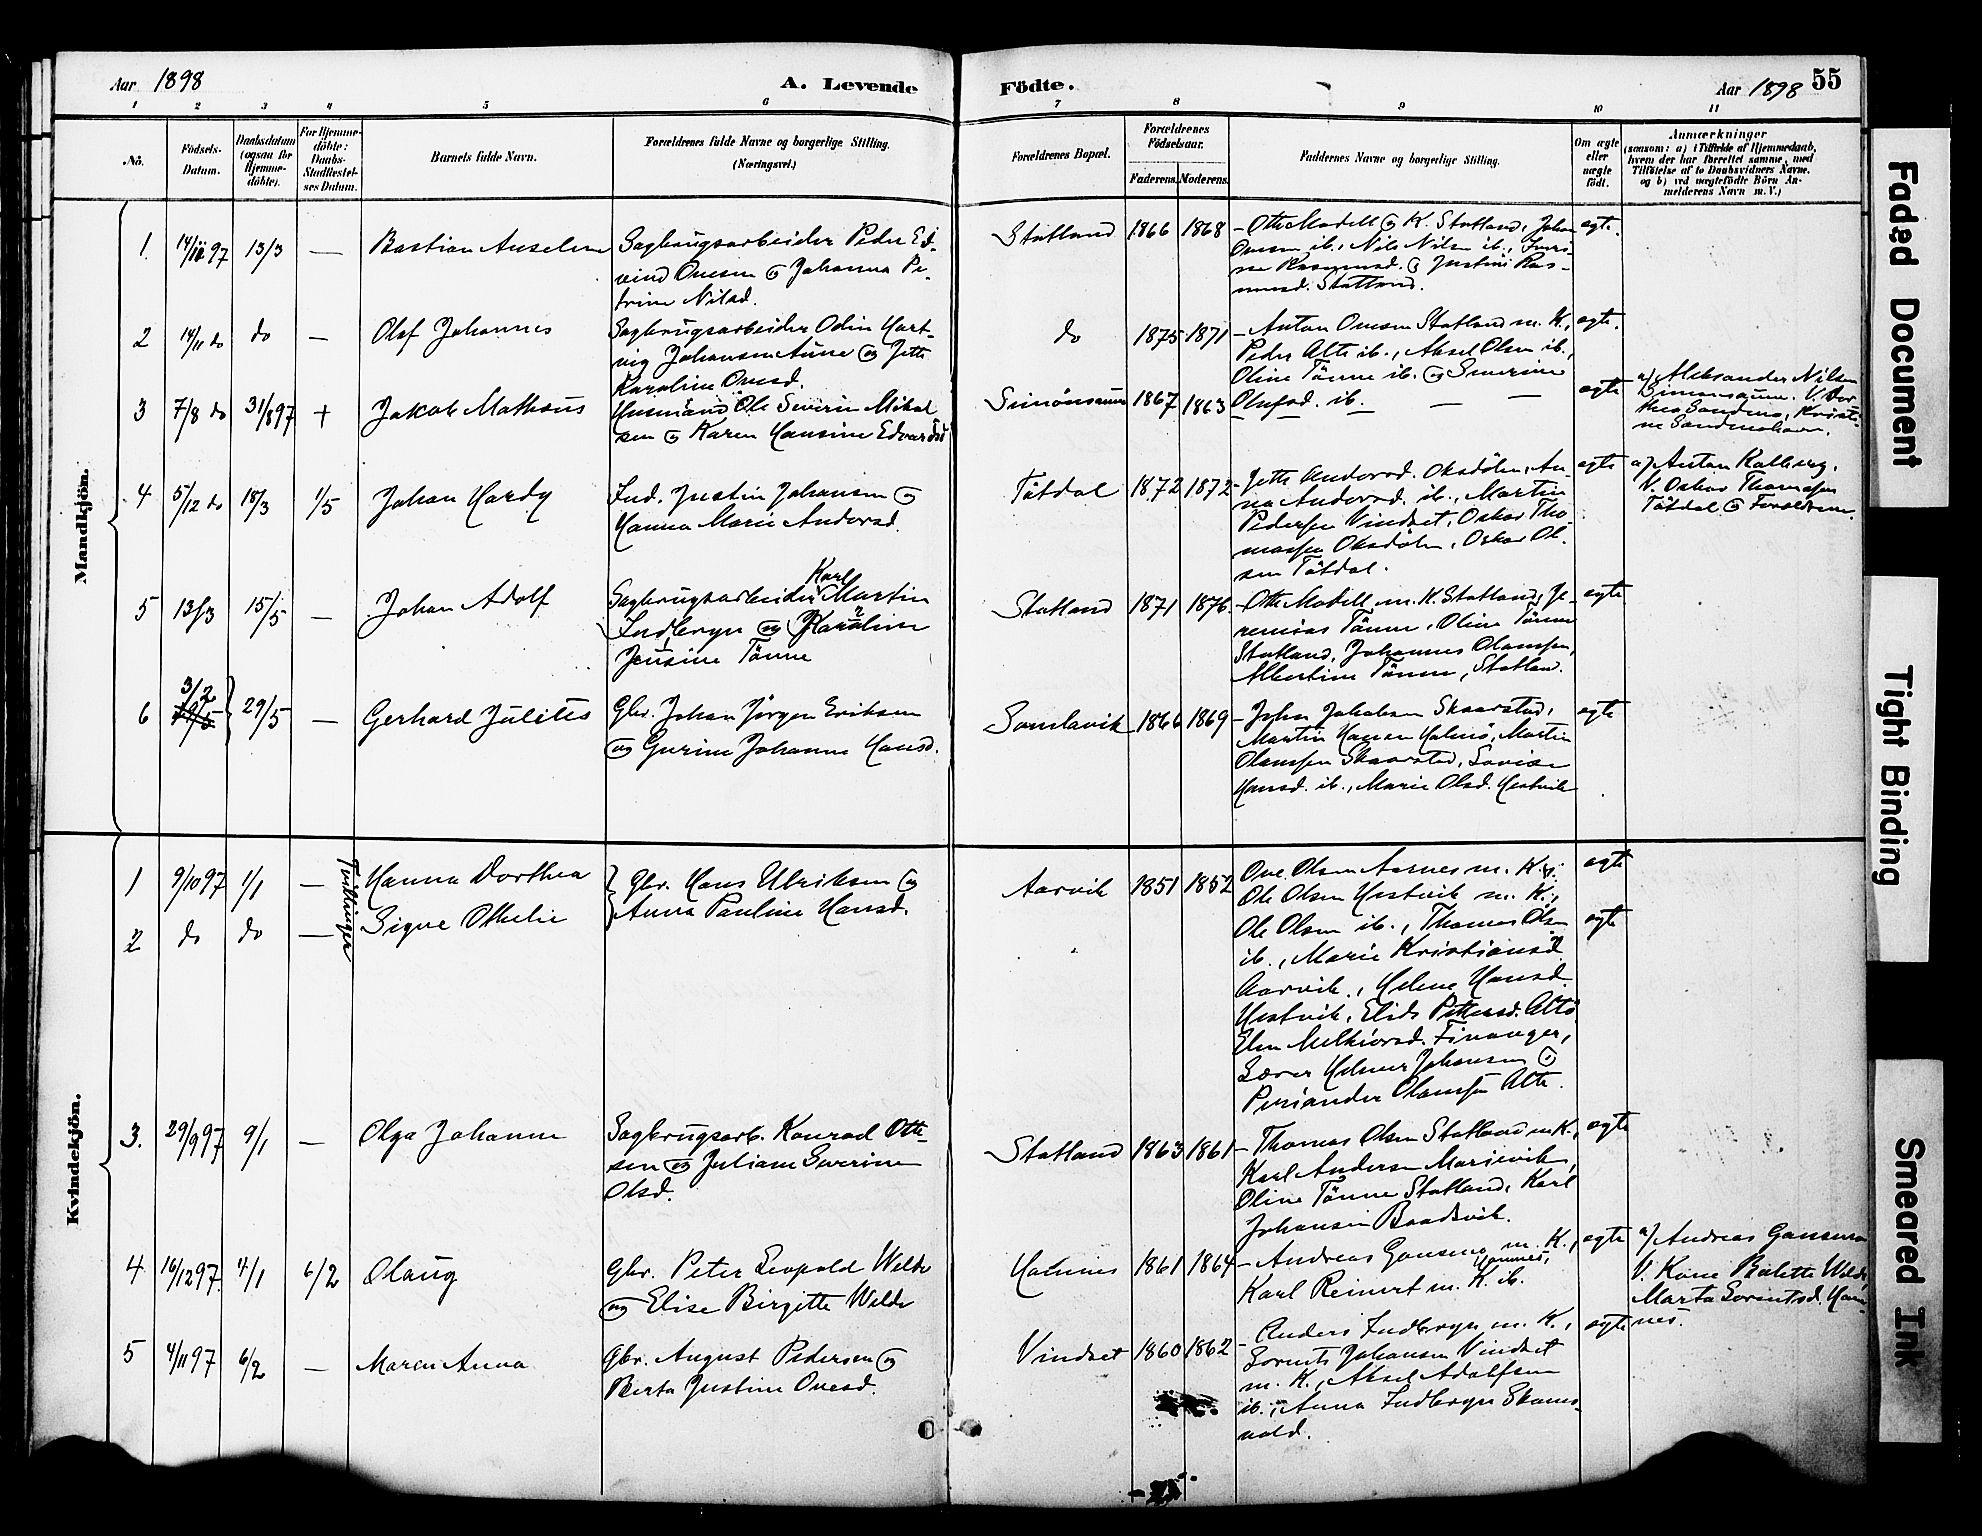 SAT, Ministerialprotokoller, klokkerbøker og fødselsregistre - Nord-Trøndelag, 774/L0628: Ministerialbok nr. 774A02, 1887-1903, s. 55